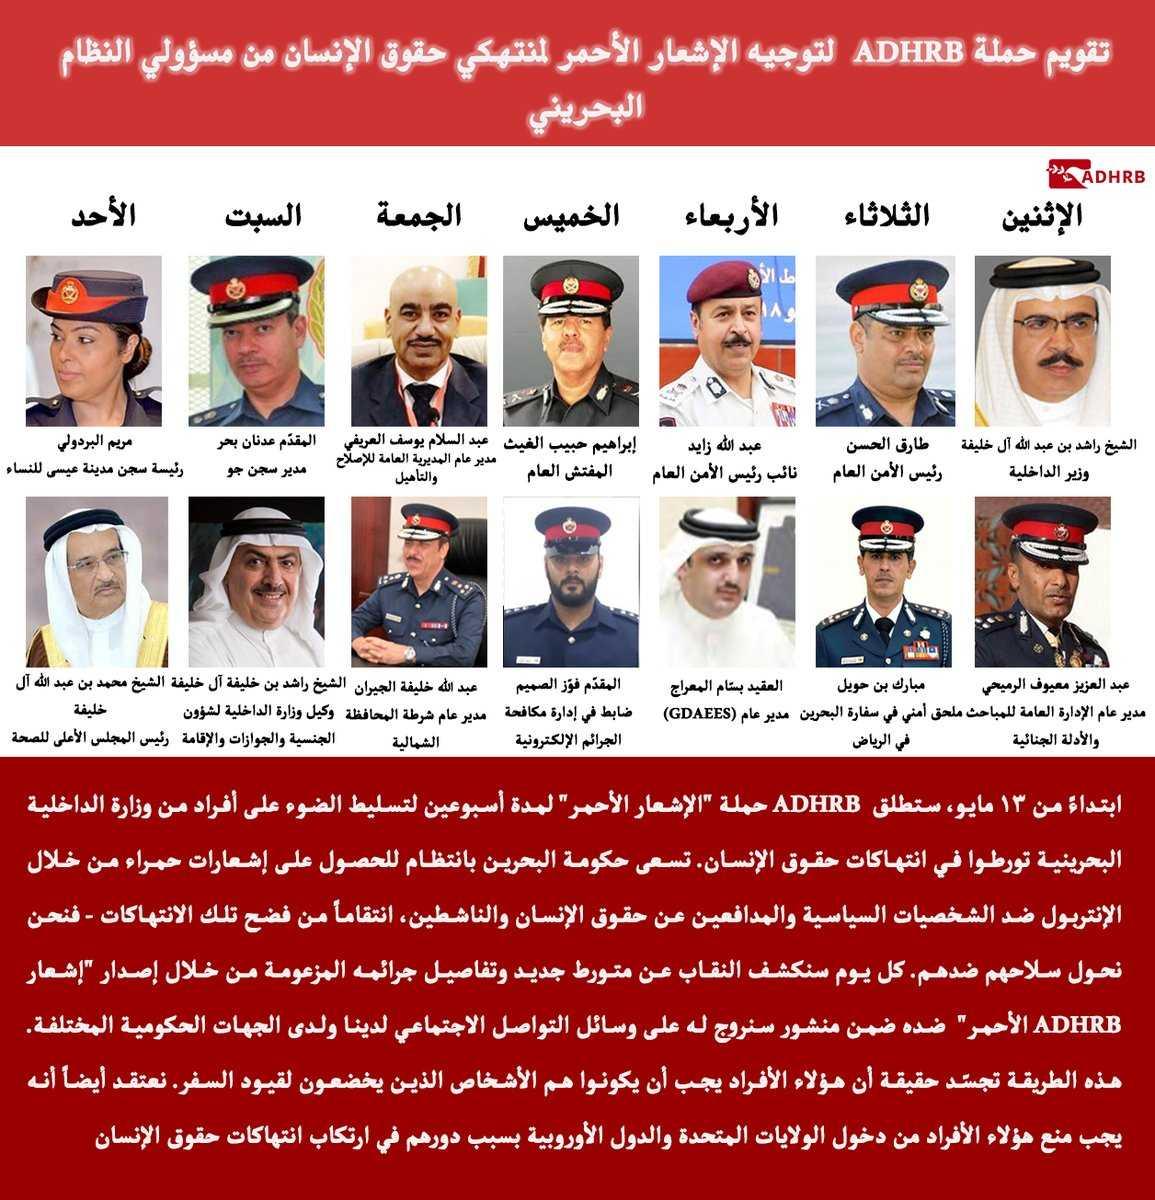 منظّمة أمريكيّون تستكمل إصدار «إشعارها الأحمر» بحقّ المتورطين في انتهاكات حقوق الإنسان في البحرين